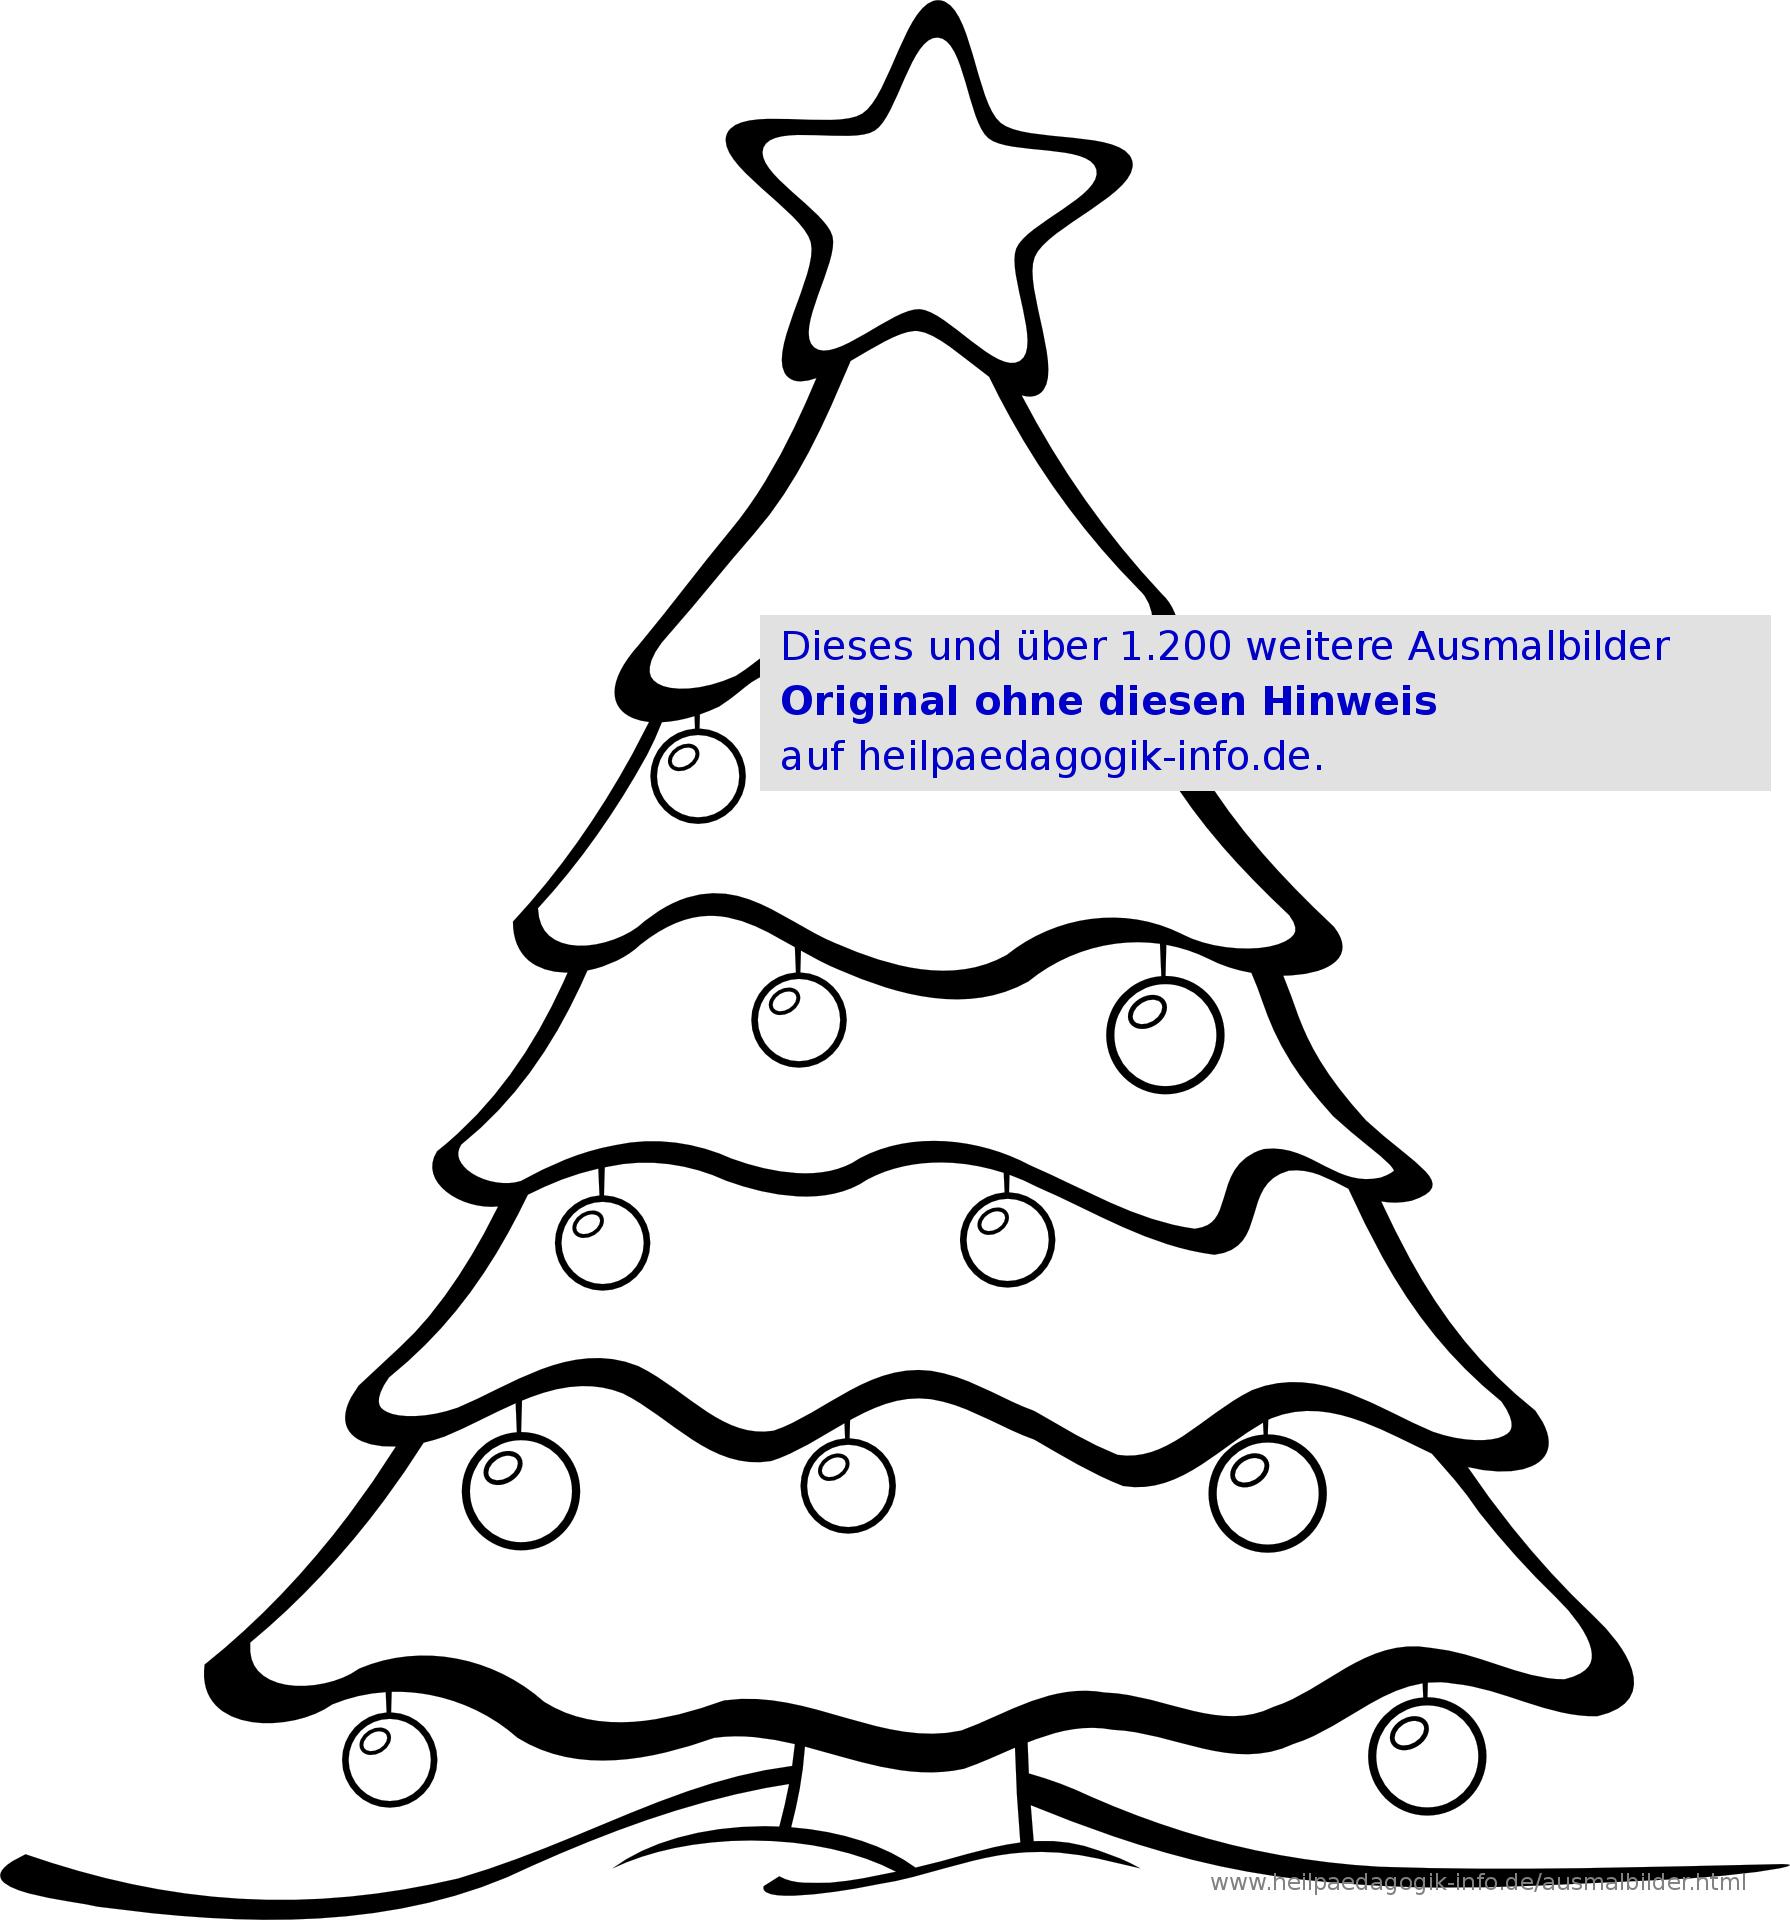 Ausmalbilder Weihnachten in Malvorlage Weihnachtsbaum